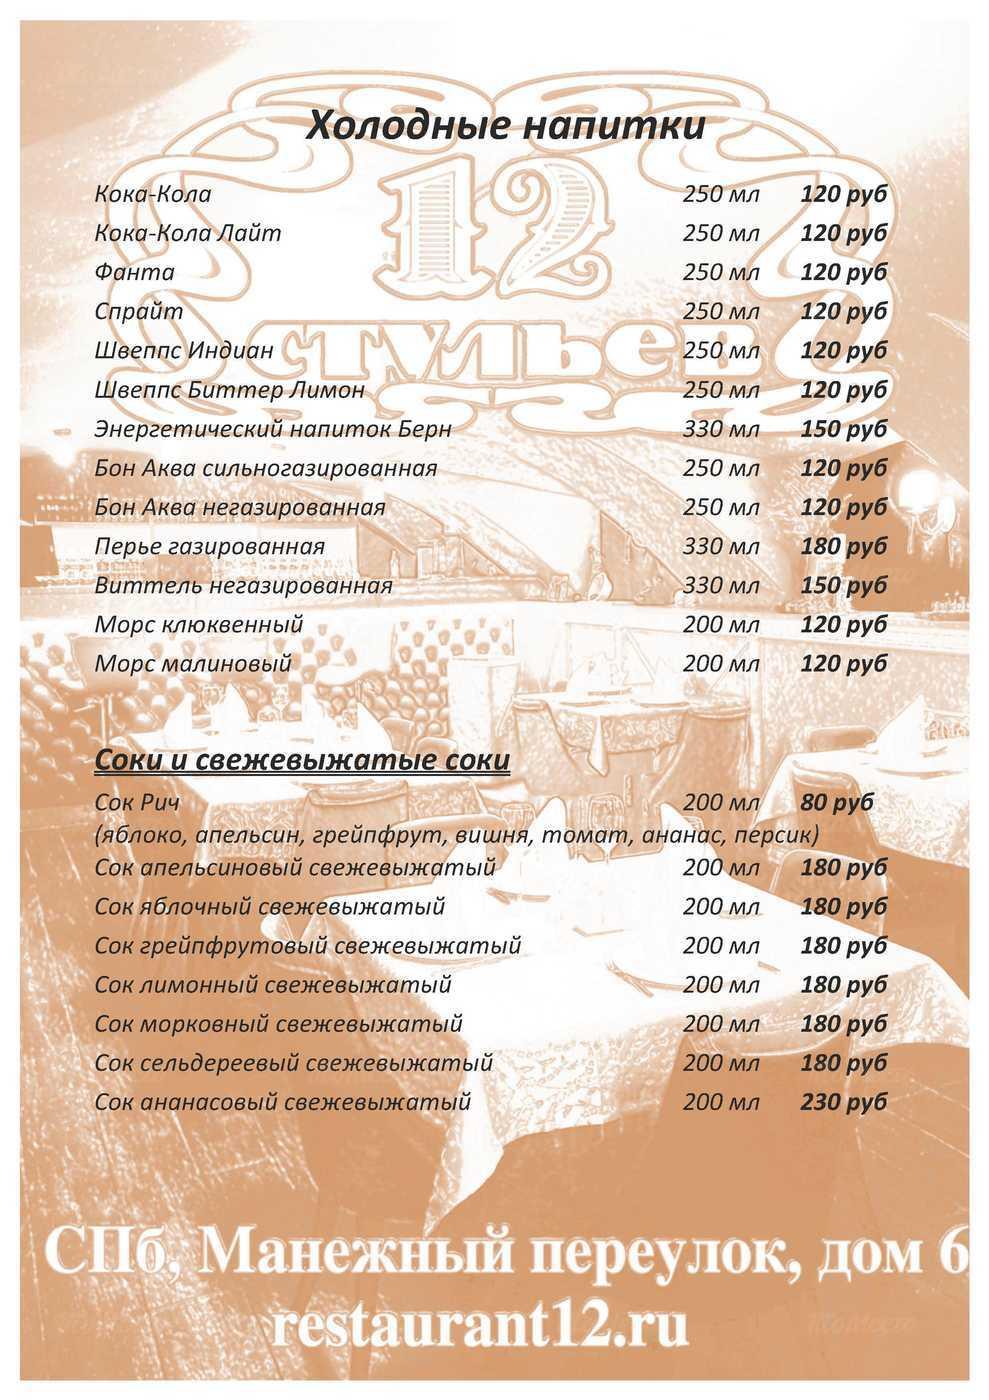 Меню ресторана 12 Стульев (бывш. Franki Hall) в Манежном